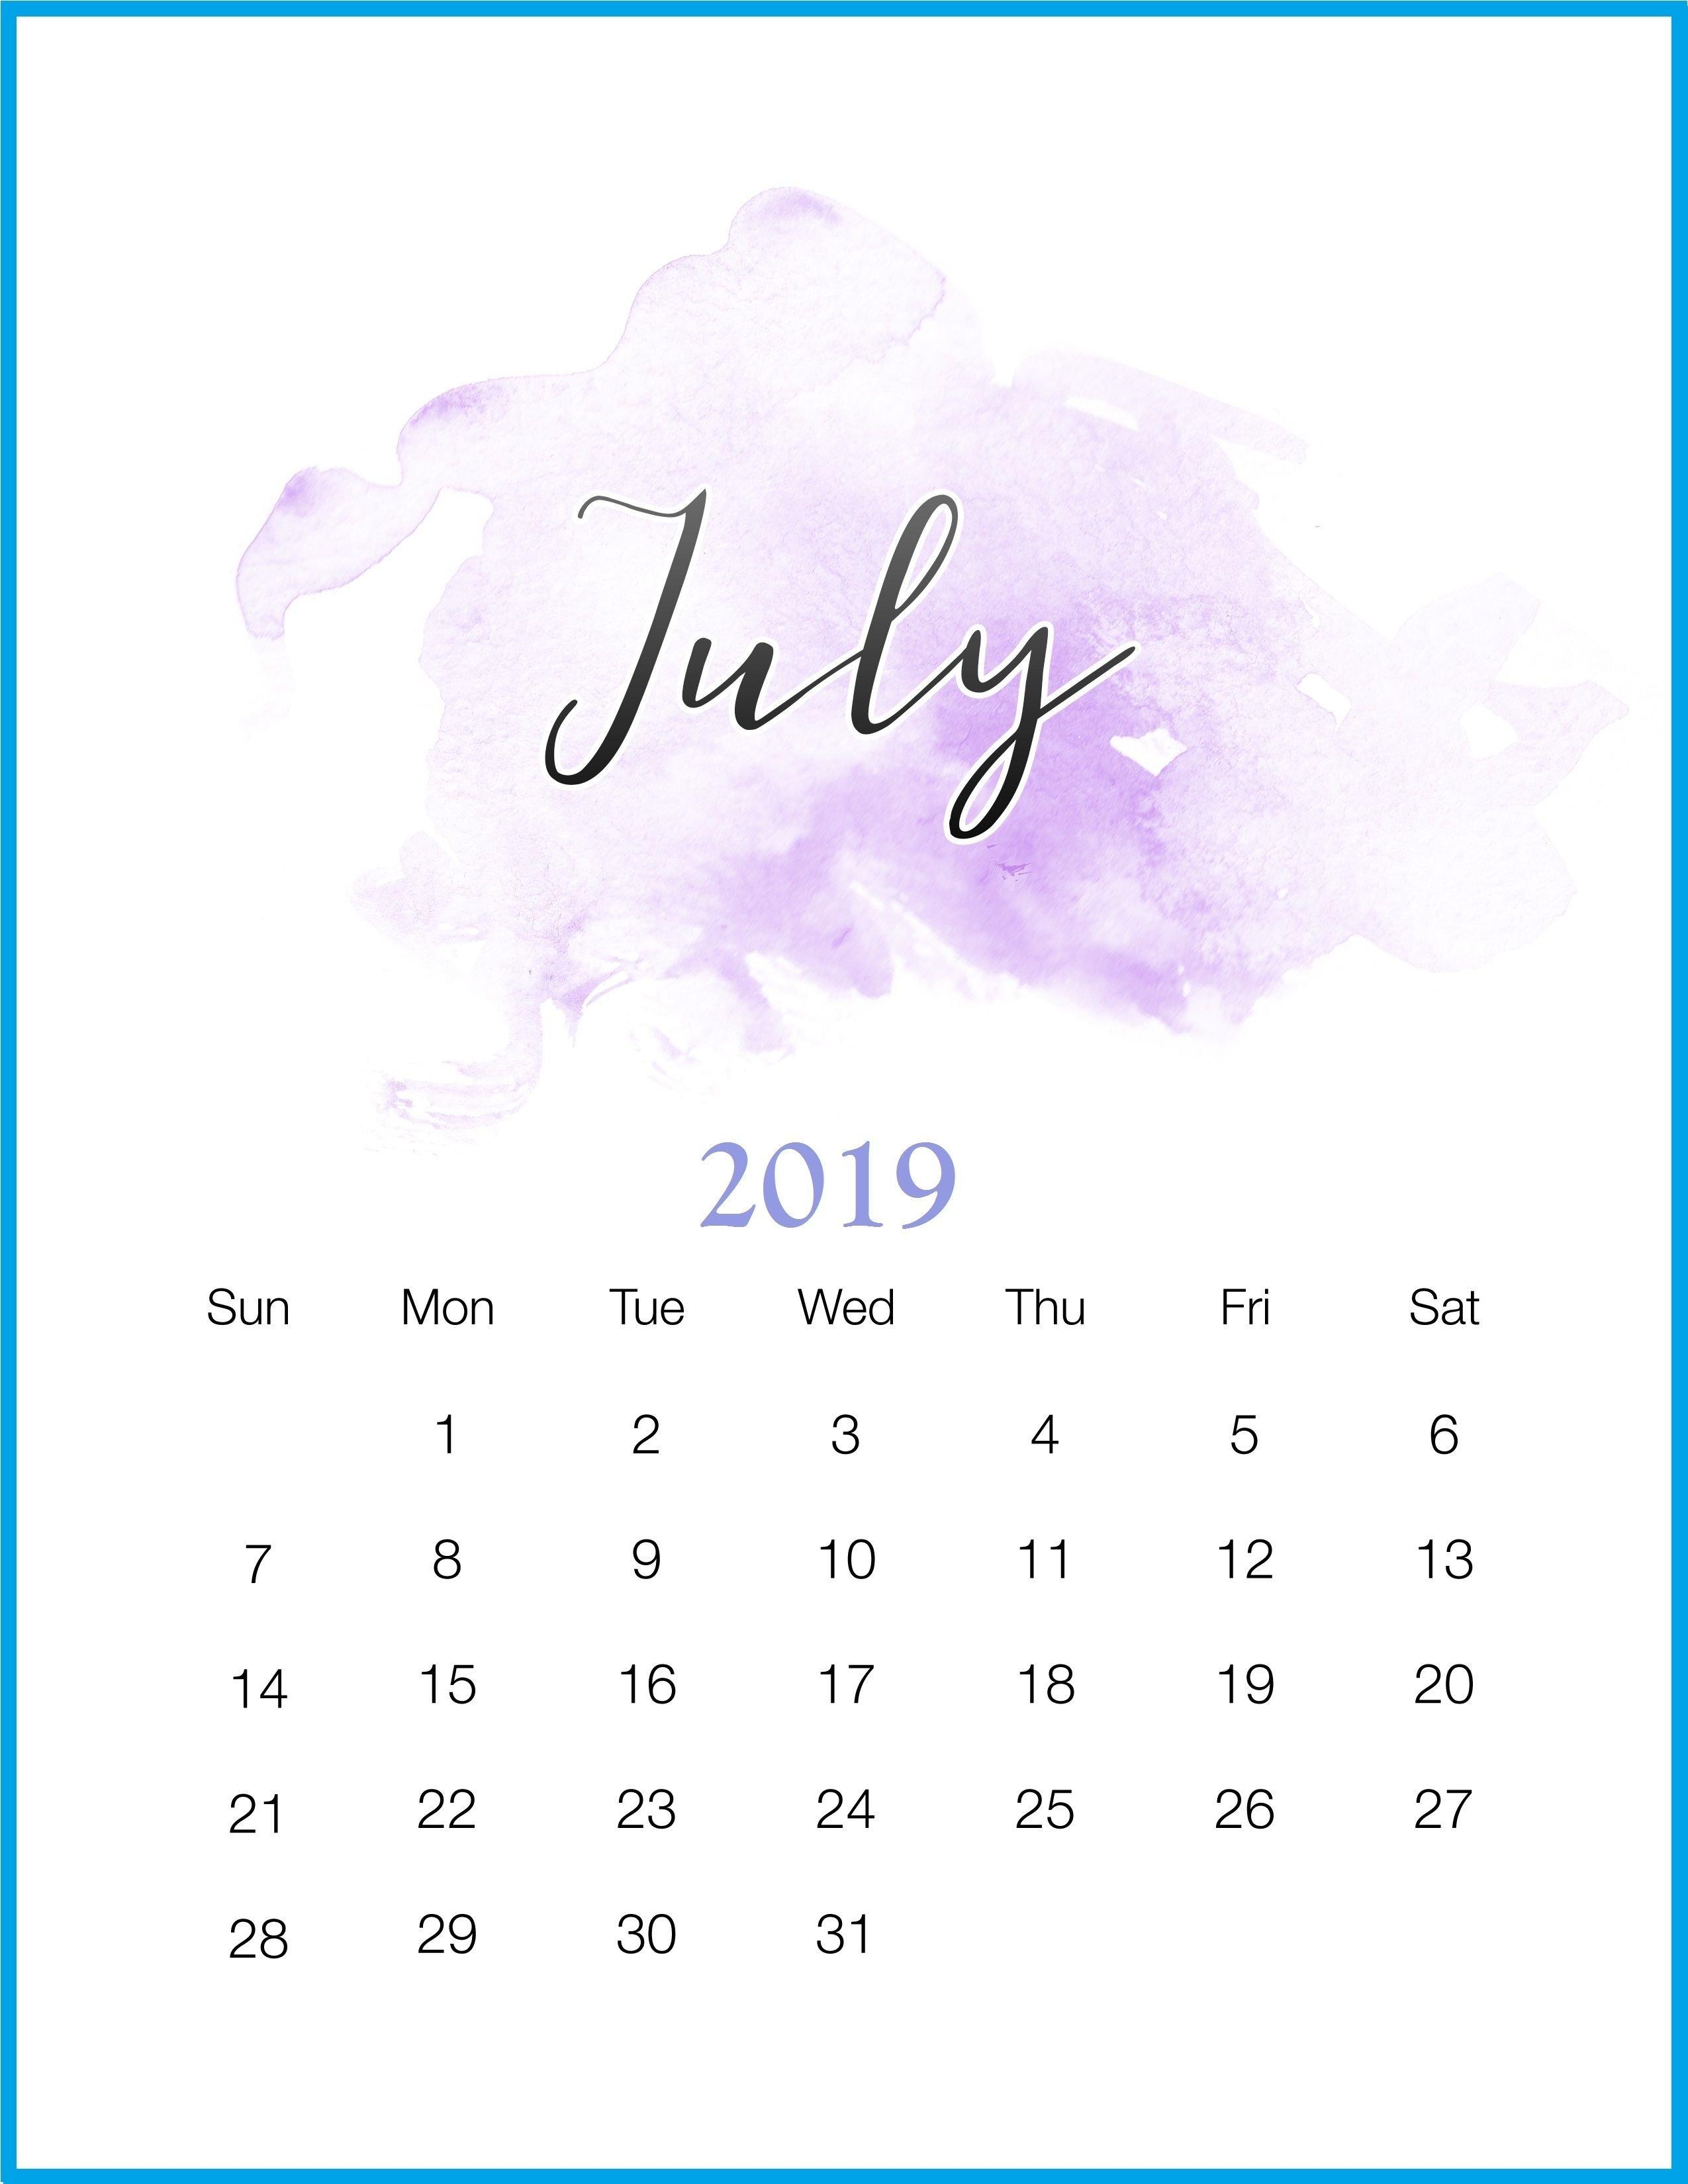 Watercolor 2019 July Printable Calendar   Letras Y Margenes Y 2019 Calendar